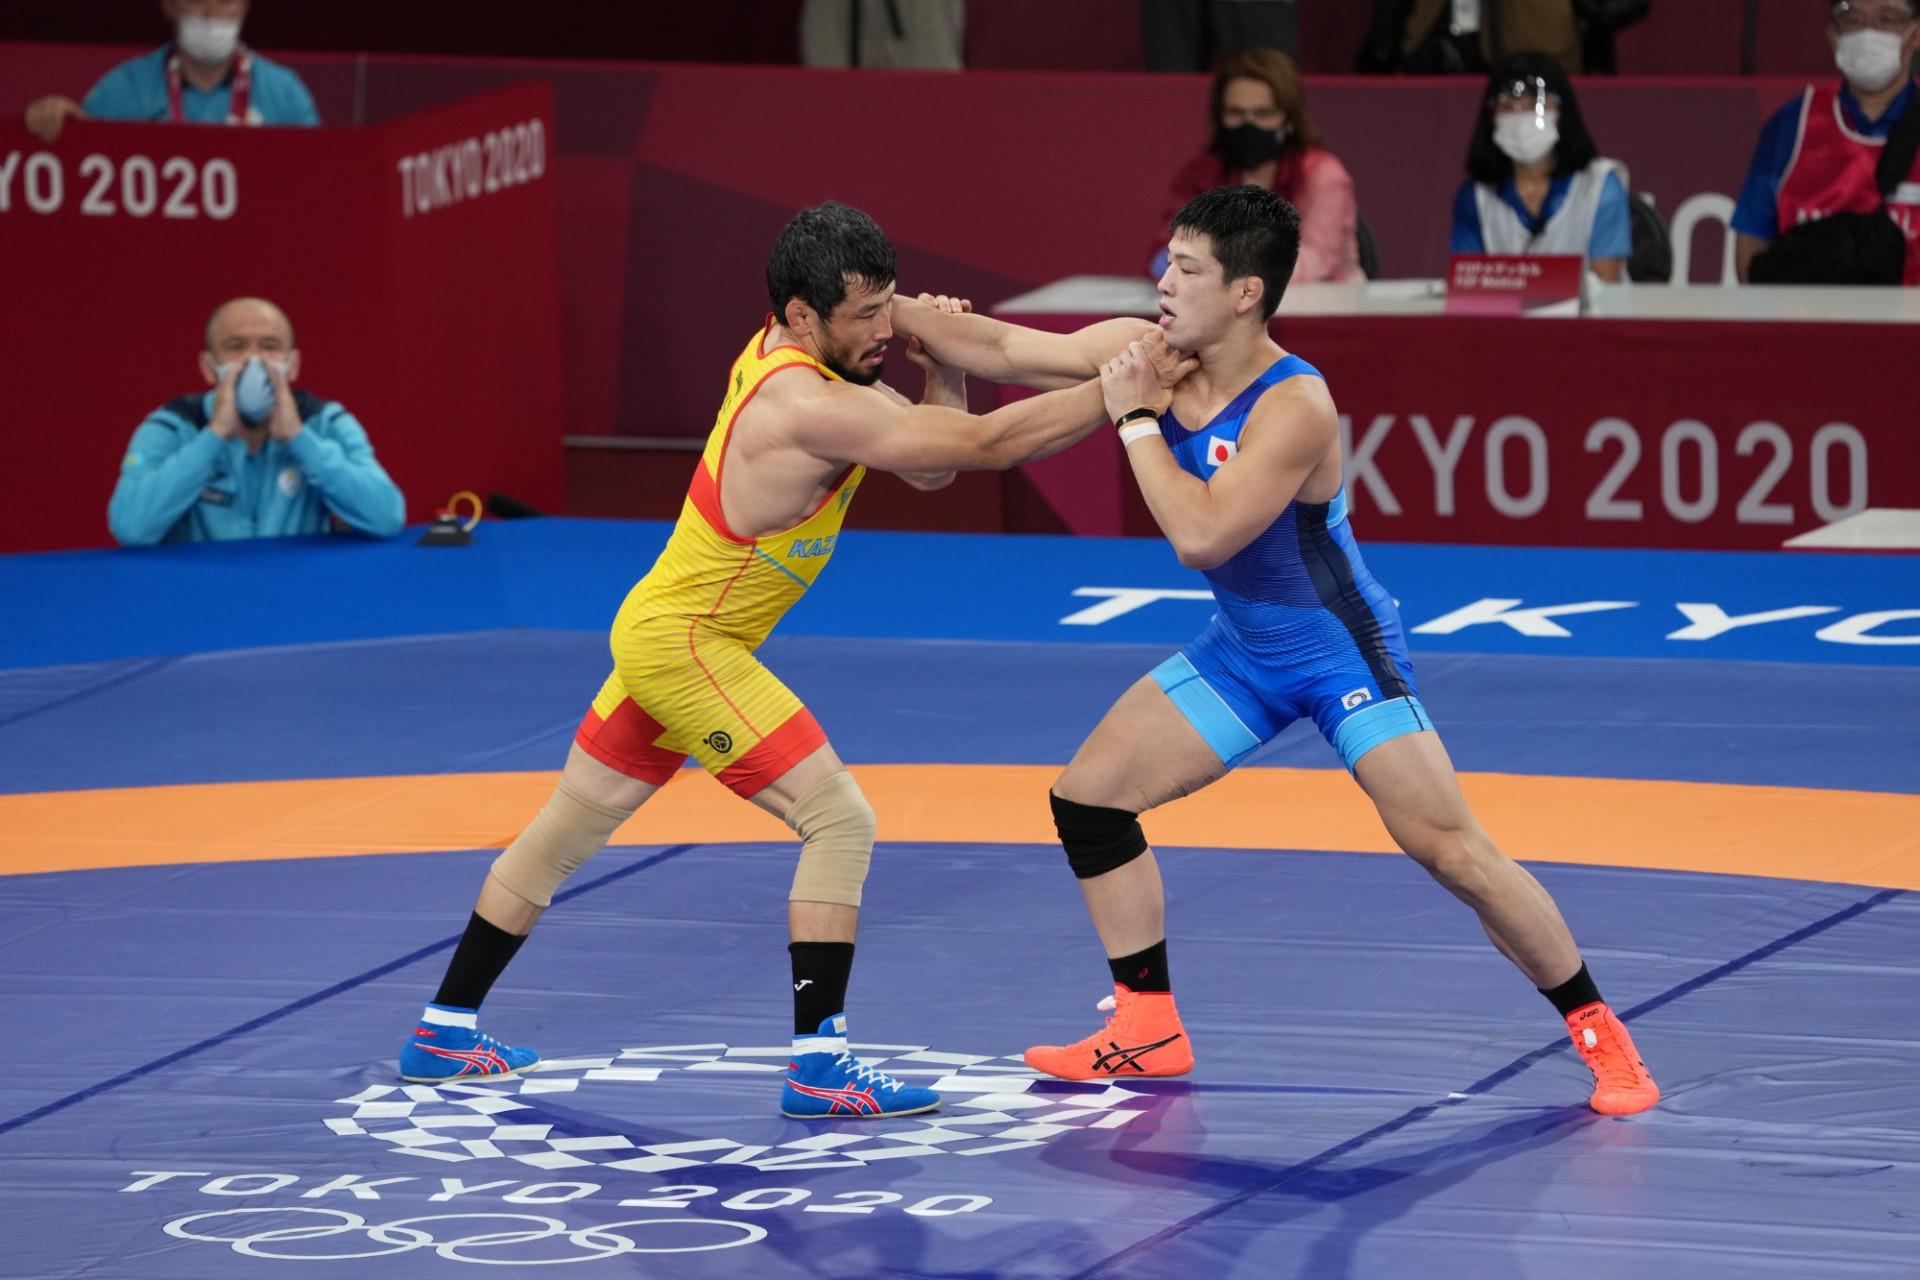 Греко-римская борьба на Олимпиаде: как выступил казахстанец